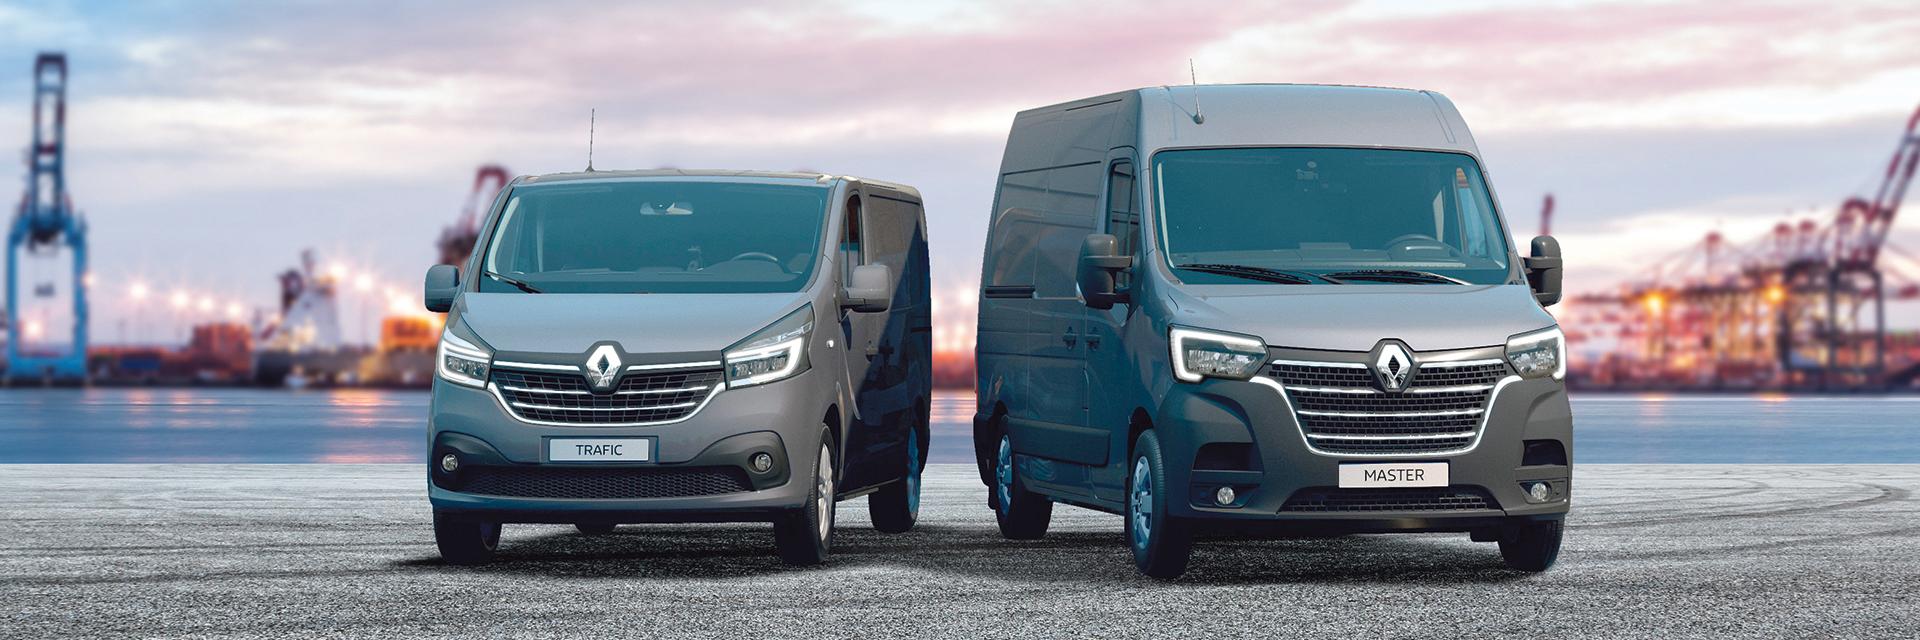 Renault Trafic & Master